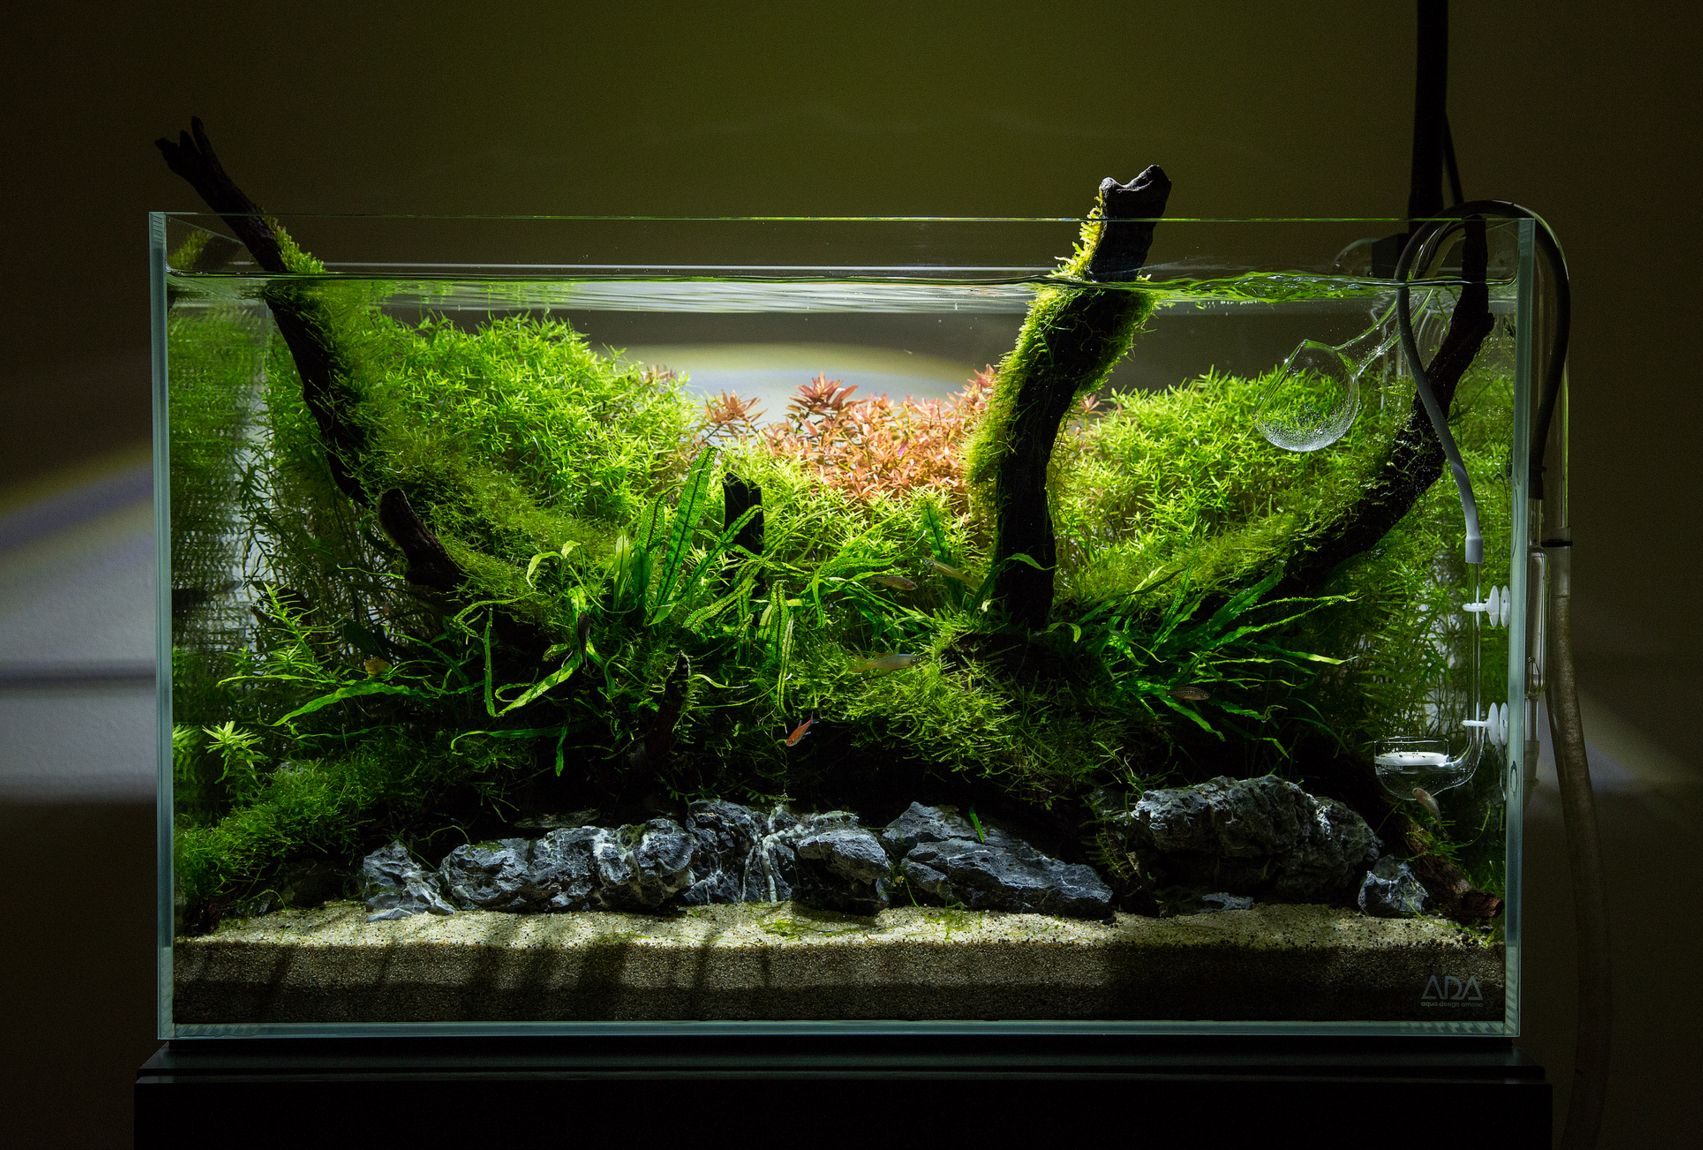 330d1413df64a22002169ff5eb95cf45 Incroyable De Aquarium Deco Des Idées